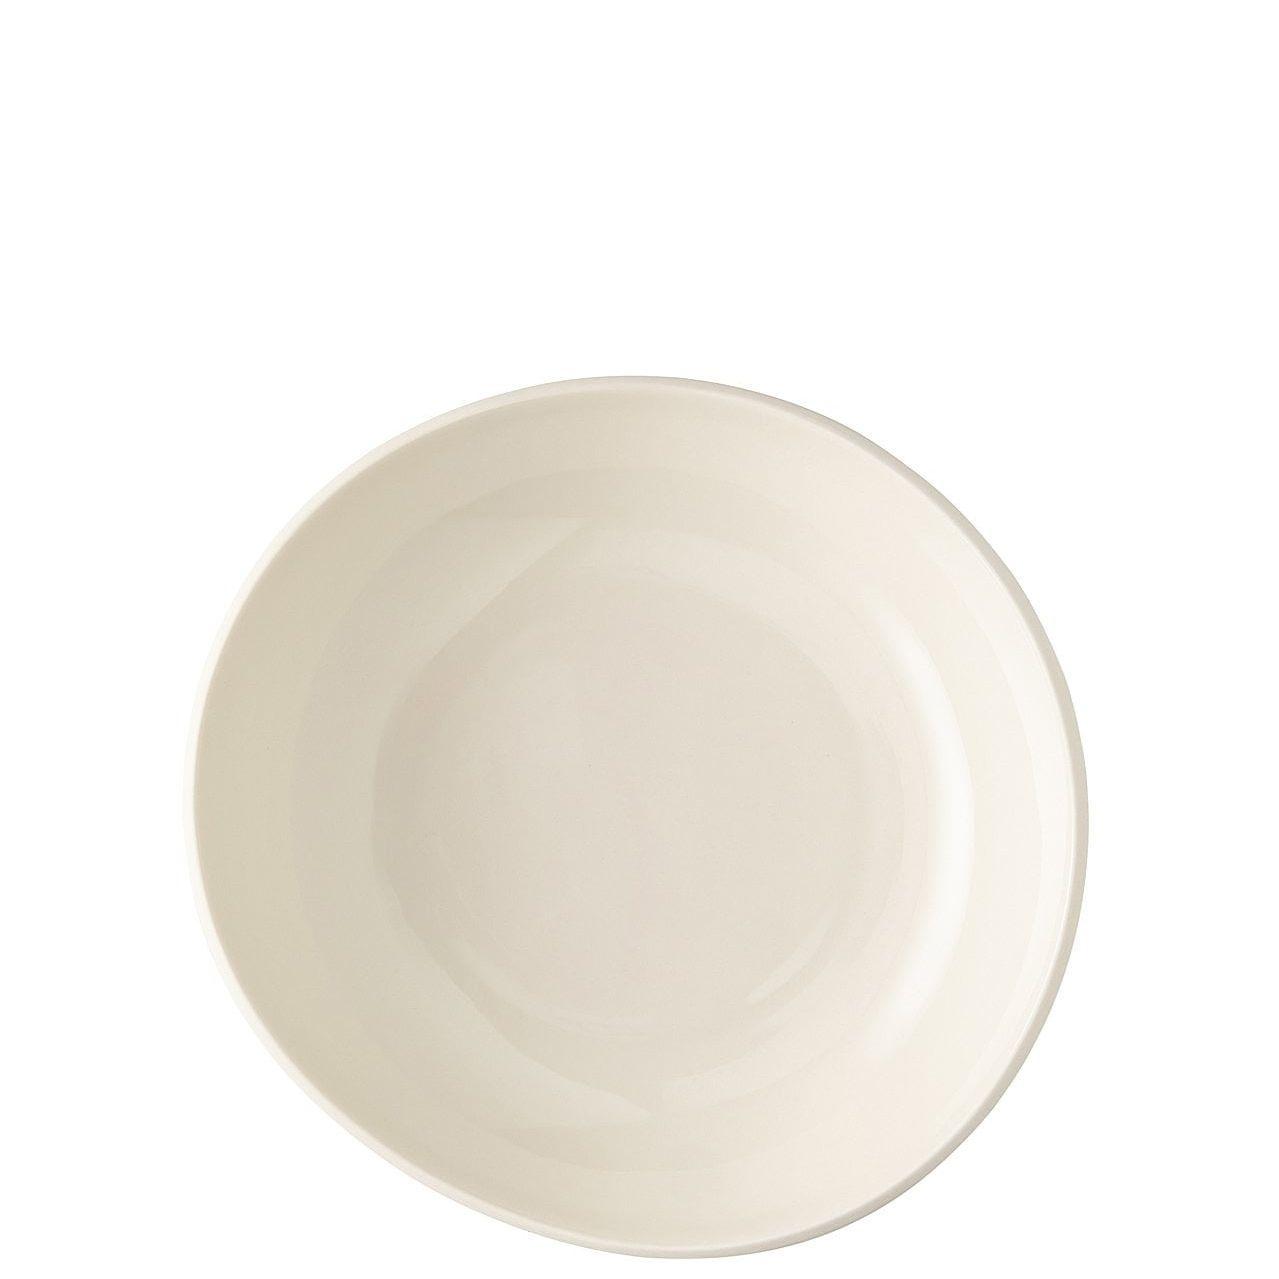 Rosenthal Junto ontbijtbord ø 22cm - alabaster